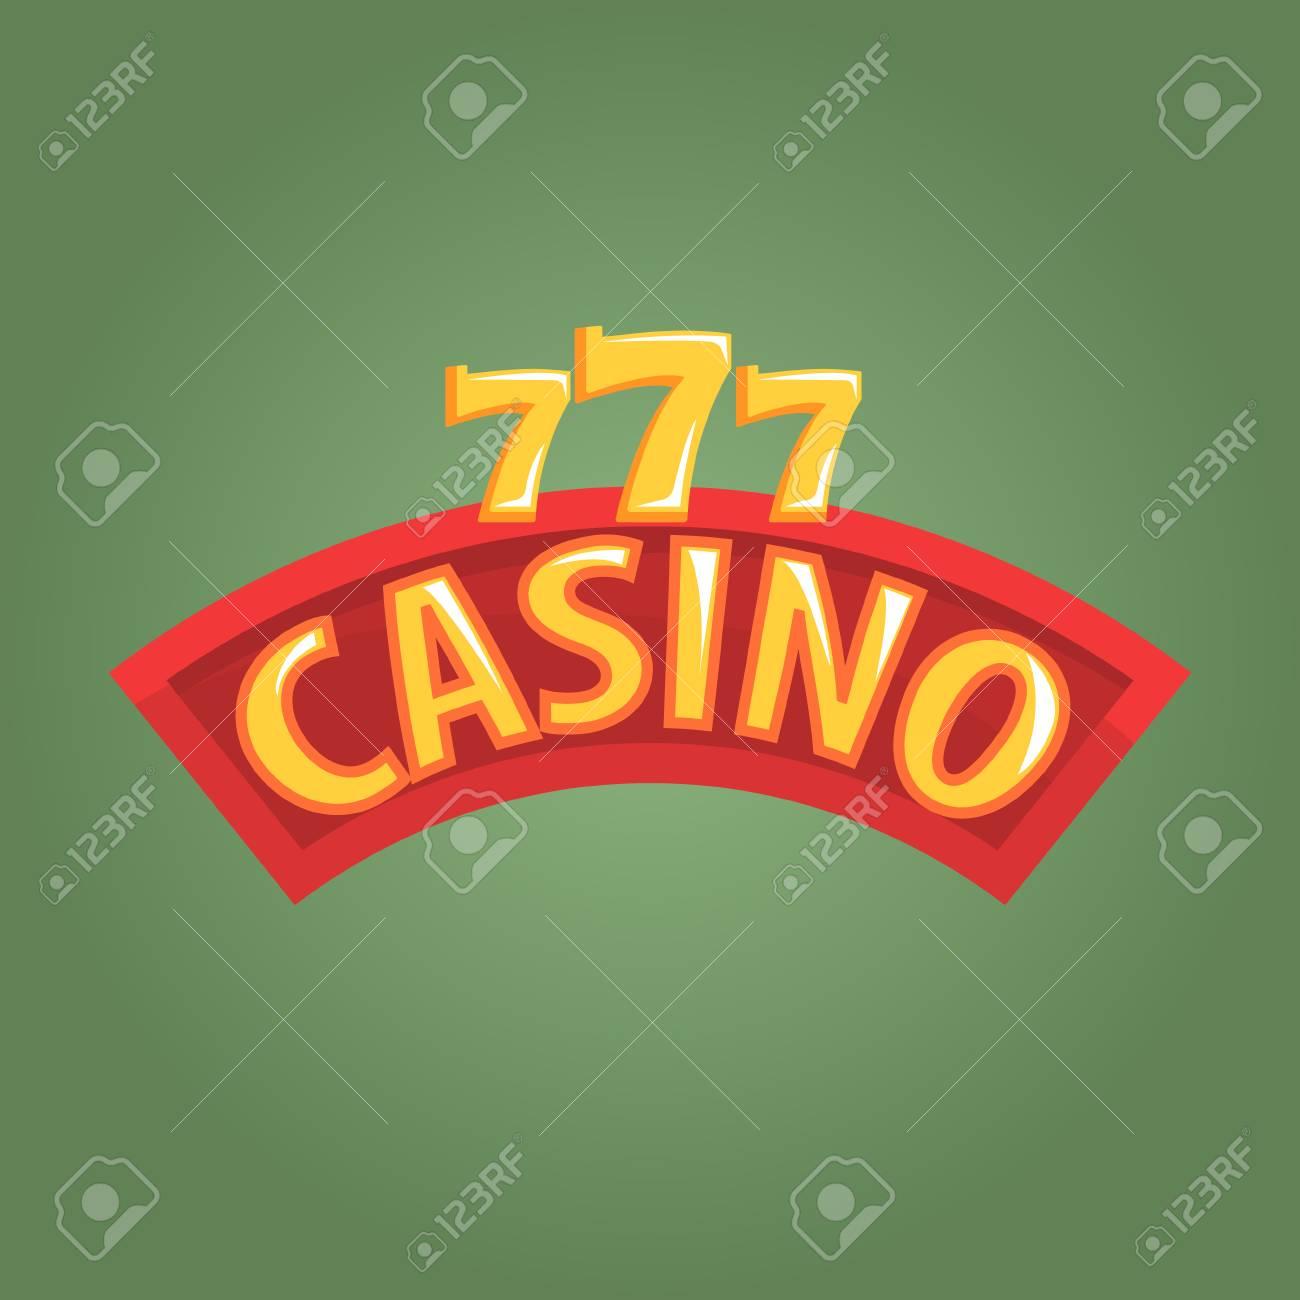 Casino colors gambling gambling blocker uk